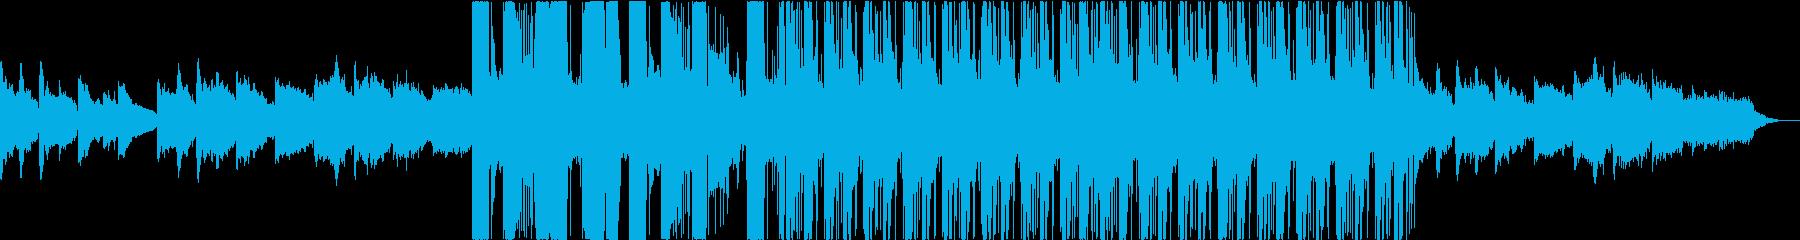 民族系・サイバー系・近未来風BGMの再生済みの波形